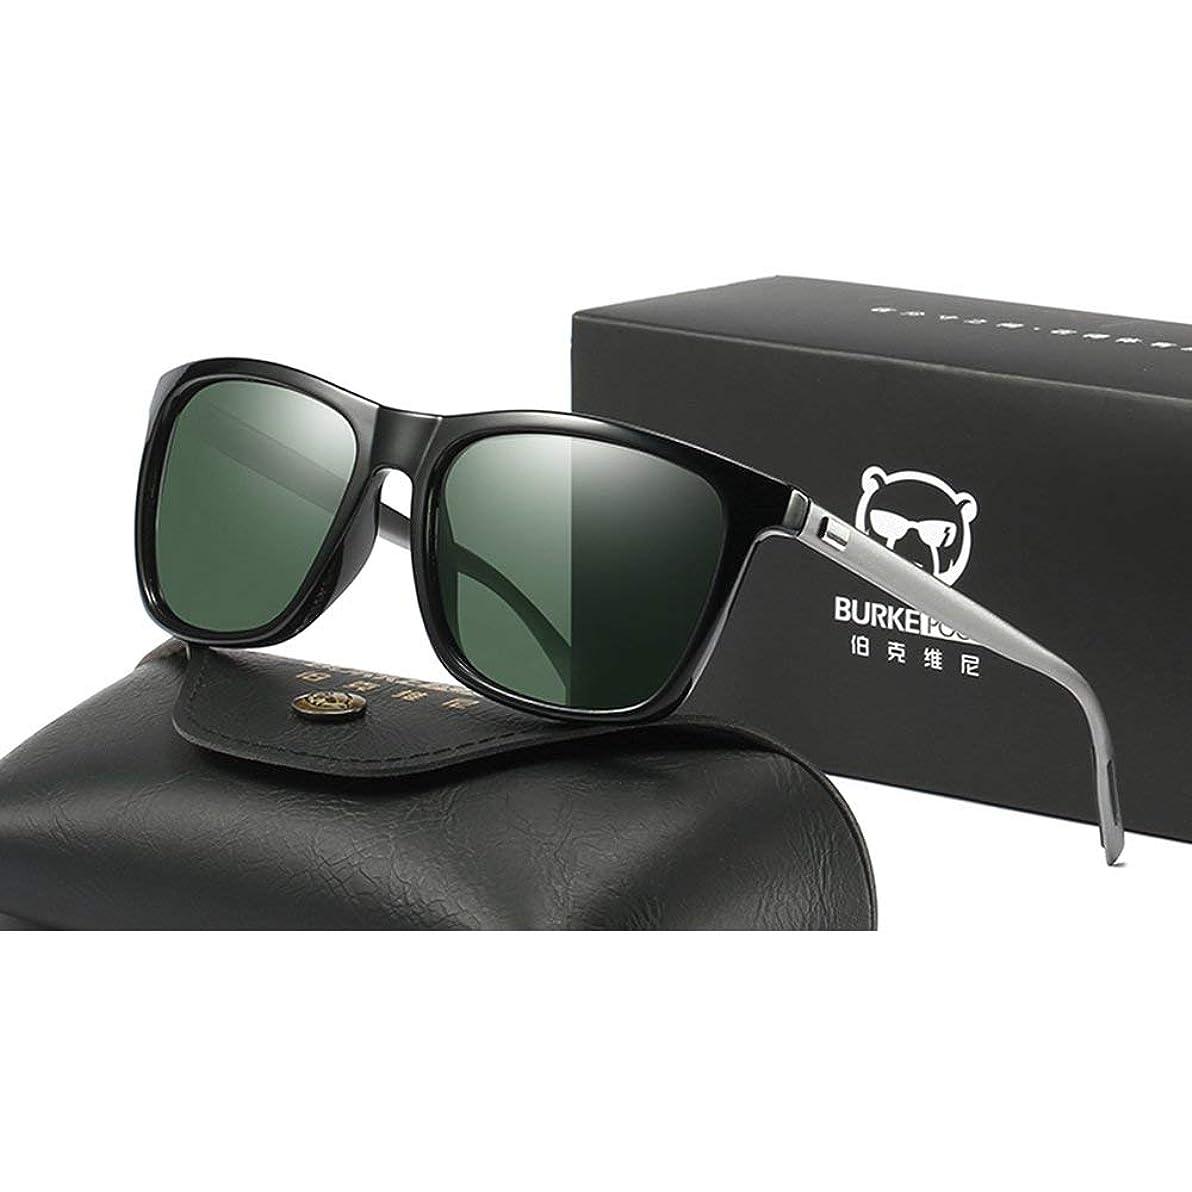 概して時折グリーンバック高精細駆動ミラーメンズサングラススポーツゴーグルファッションメガネ偏光メガネドライビングメガネアンチグレア(カラー:2)